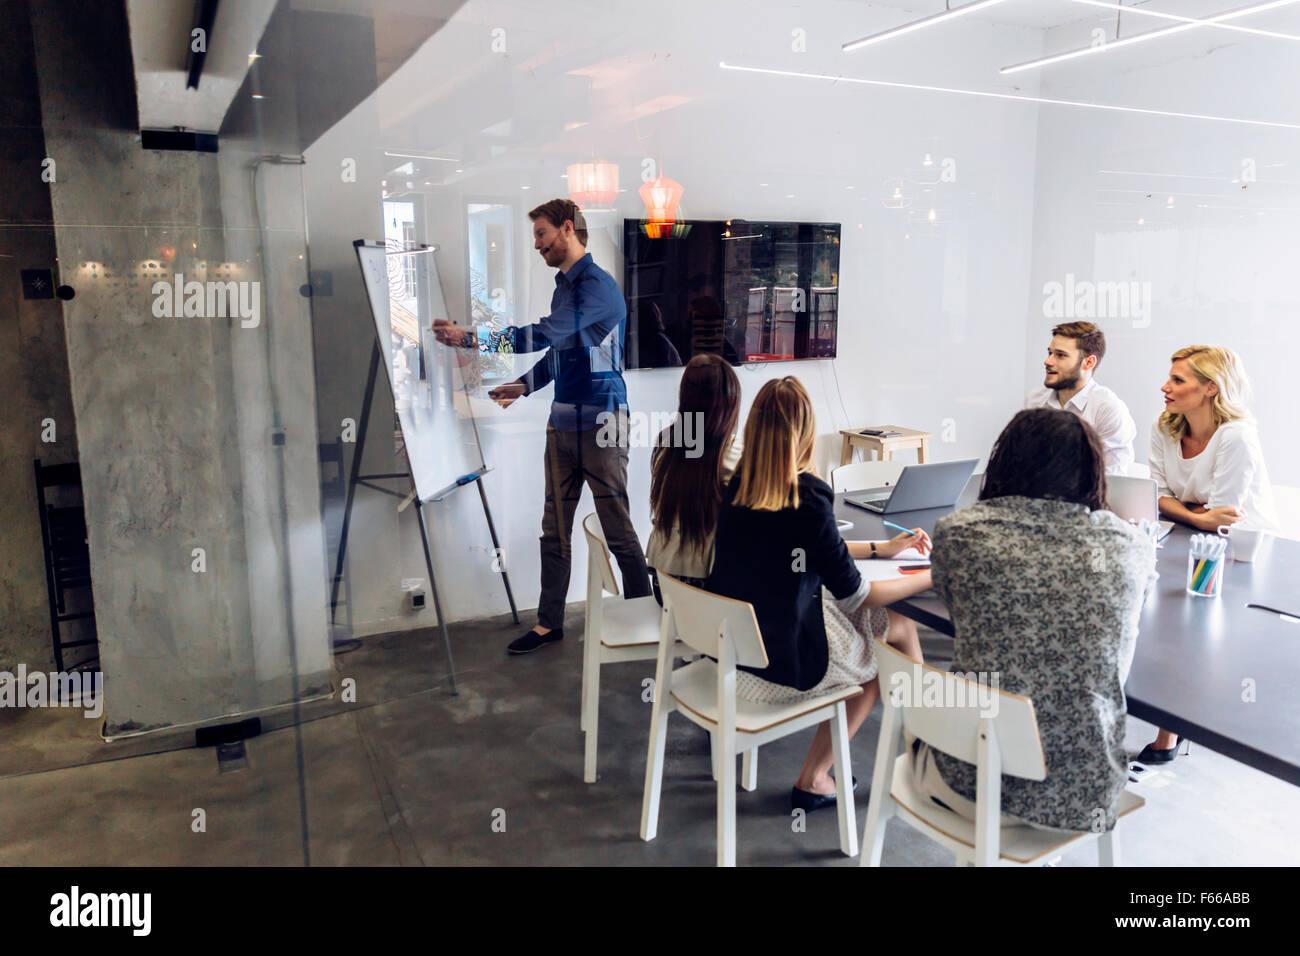 Grupo de compañeros de trabajo en una oficina de intercambio de ideas y presentación Imagen De Stock